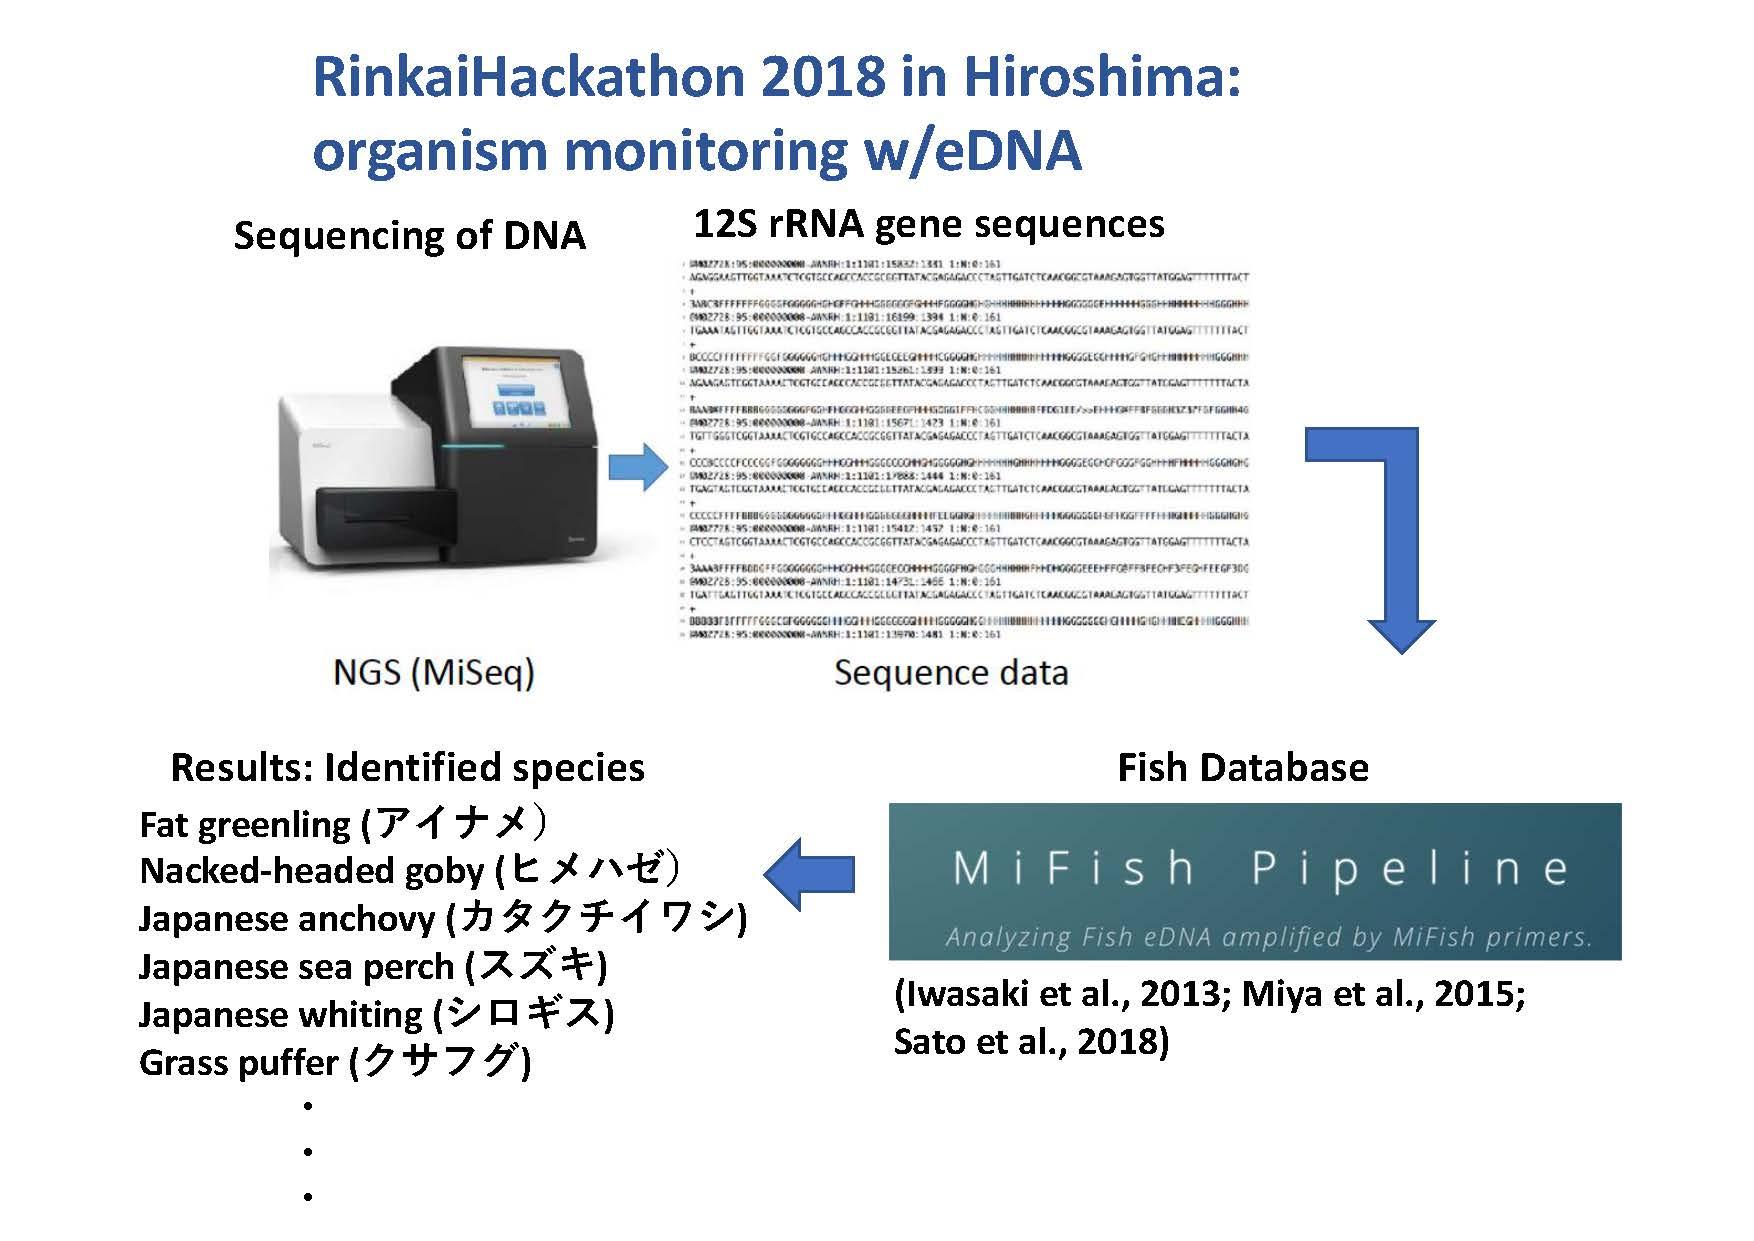 Rinkai Hackathon information page 8